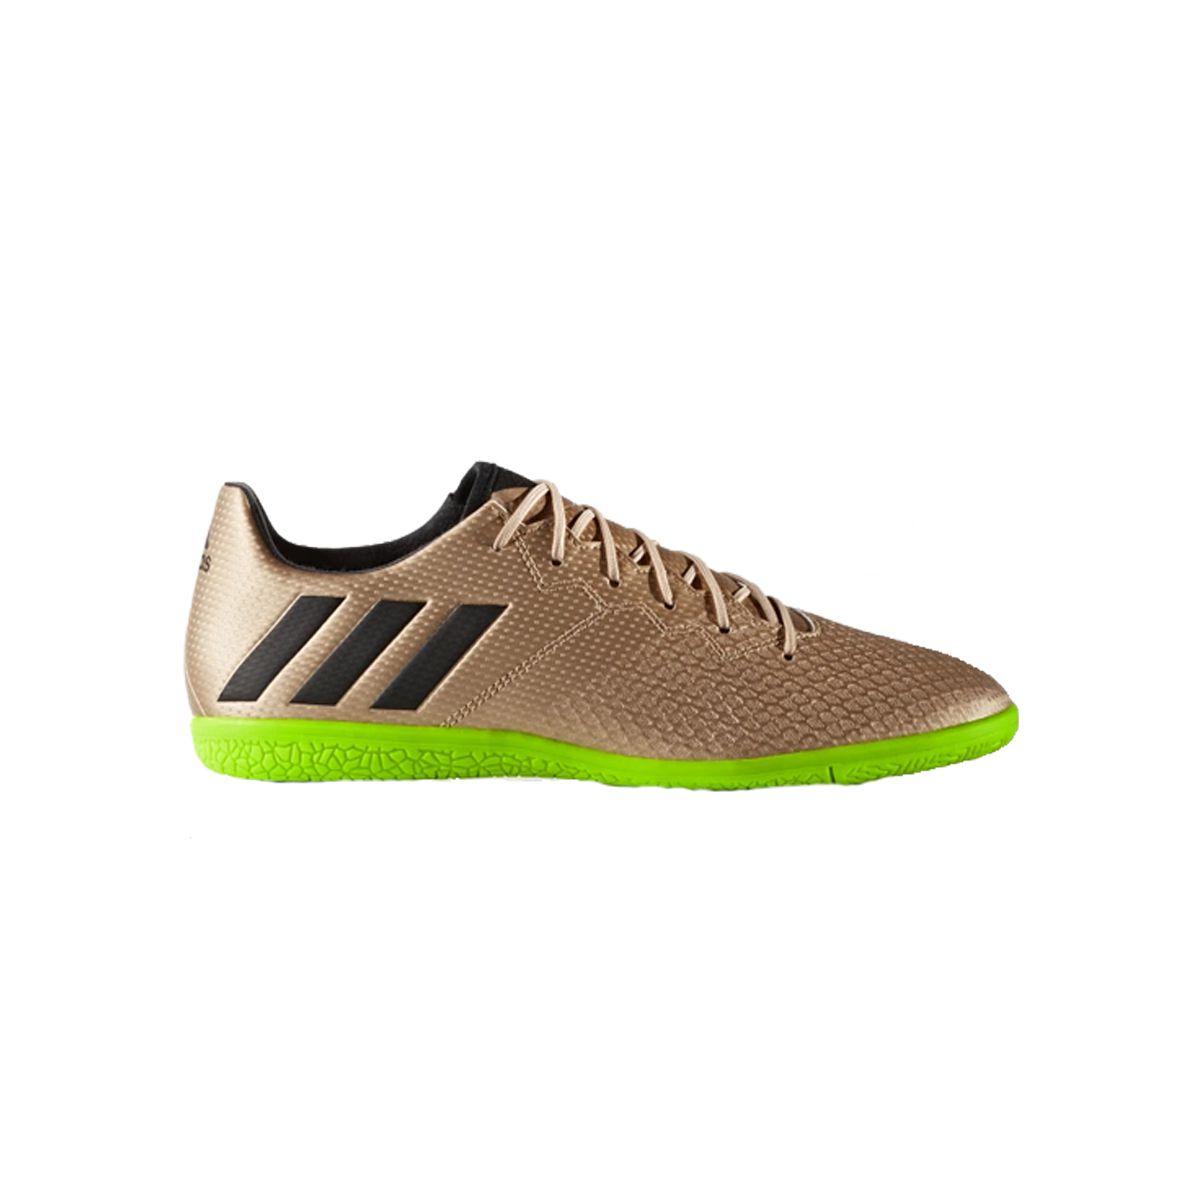 Chuteira Futsal Adidas Messi 16.3 IN